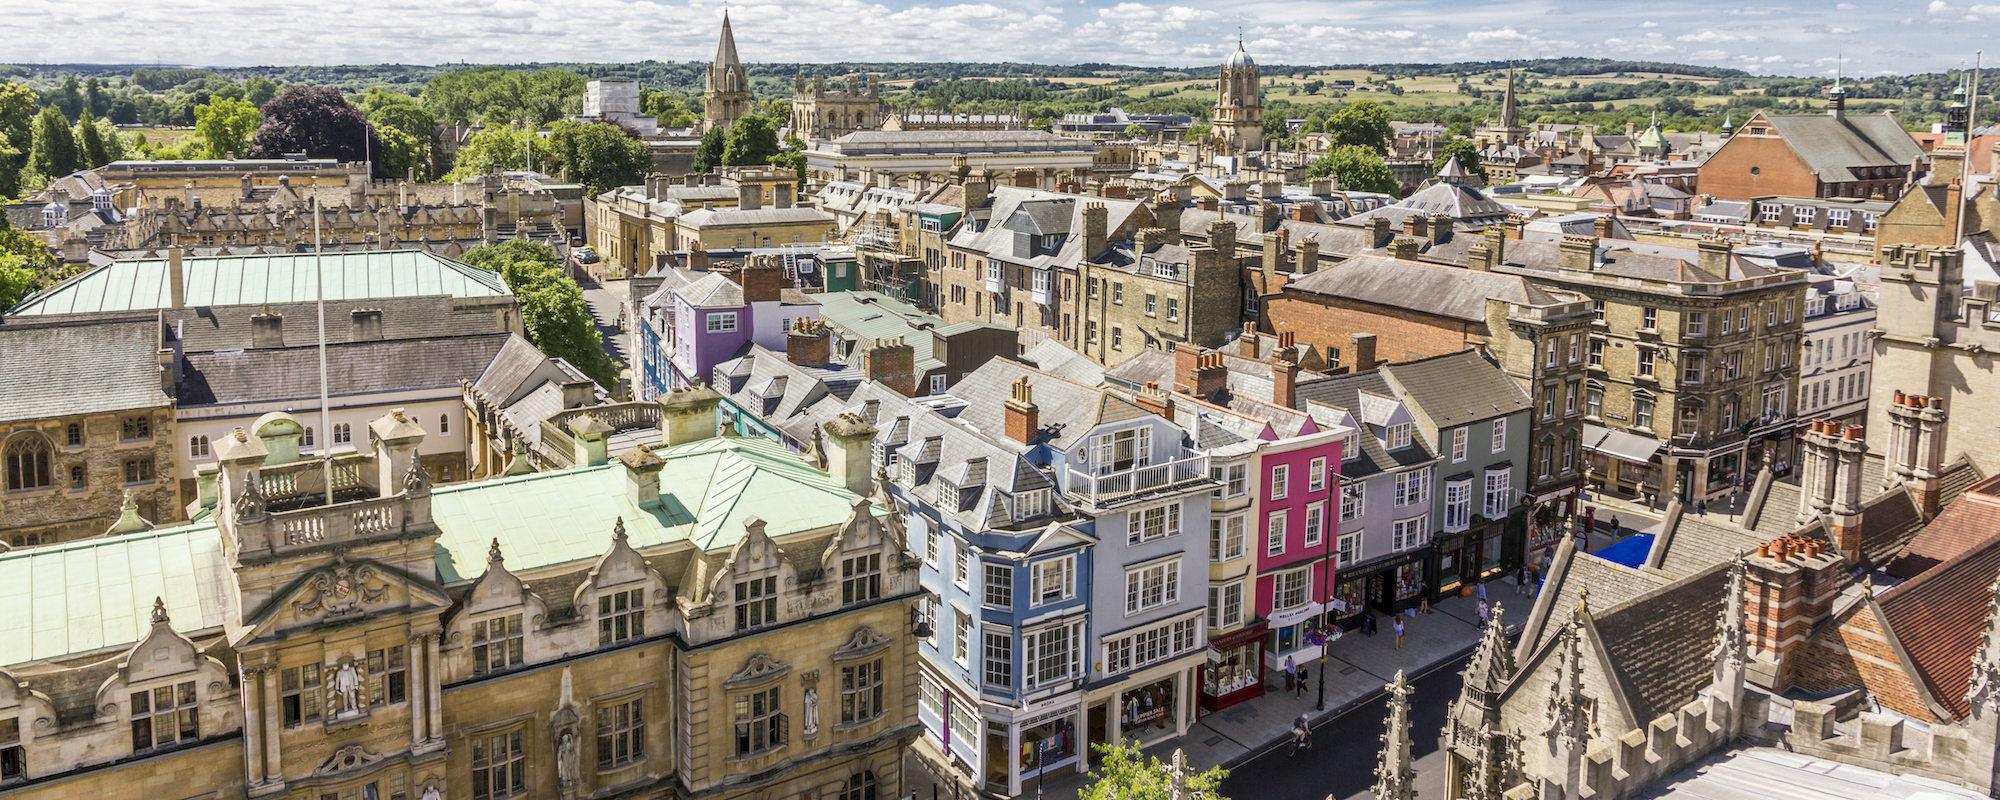 Oxford buildings aerial